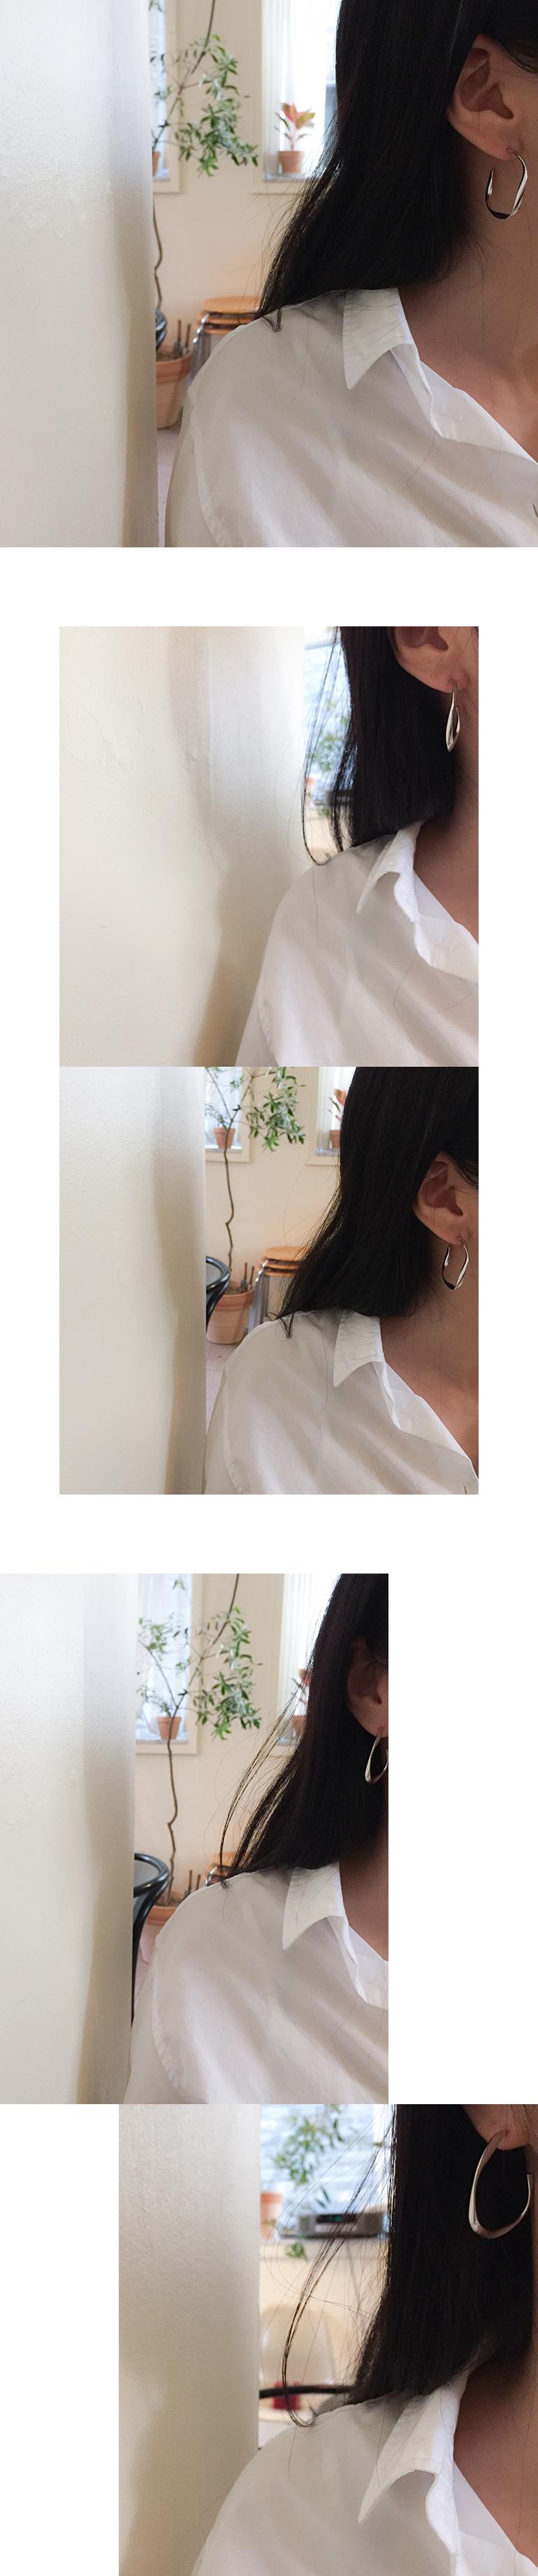 cloe earring